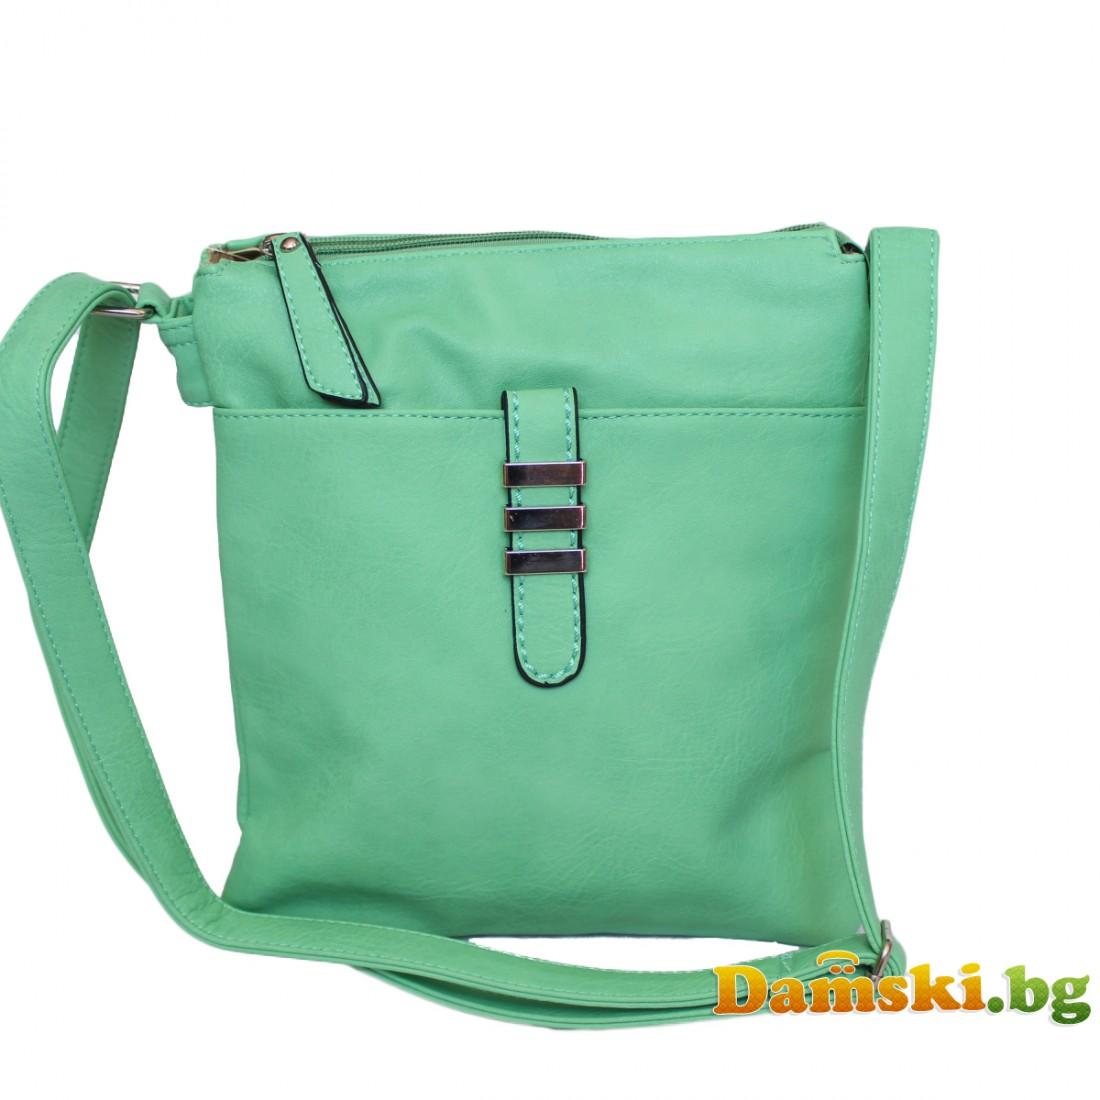 Дамска чанта през рамо - зелена